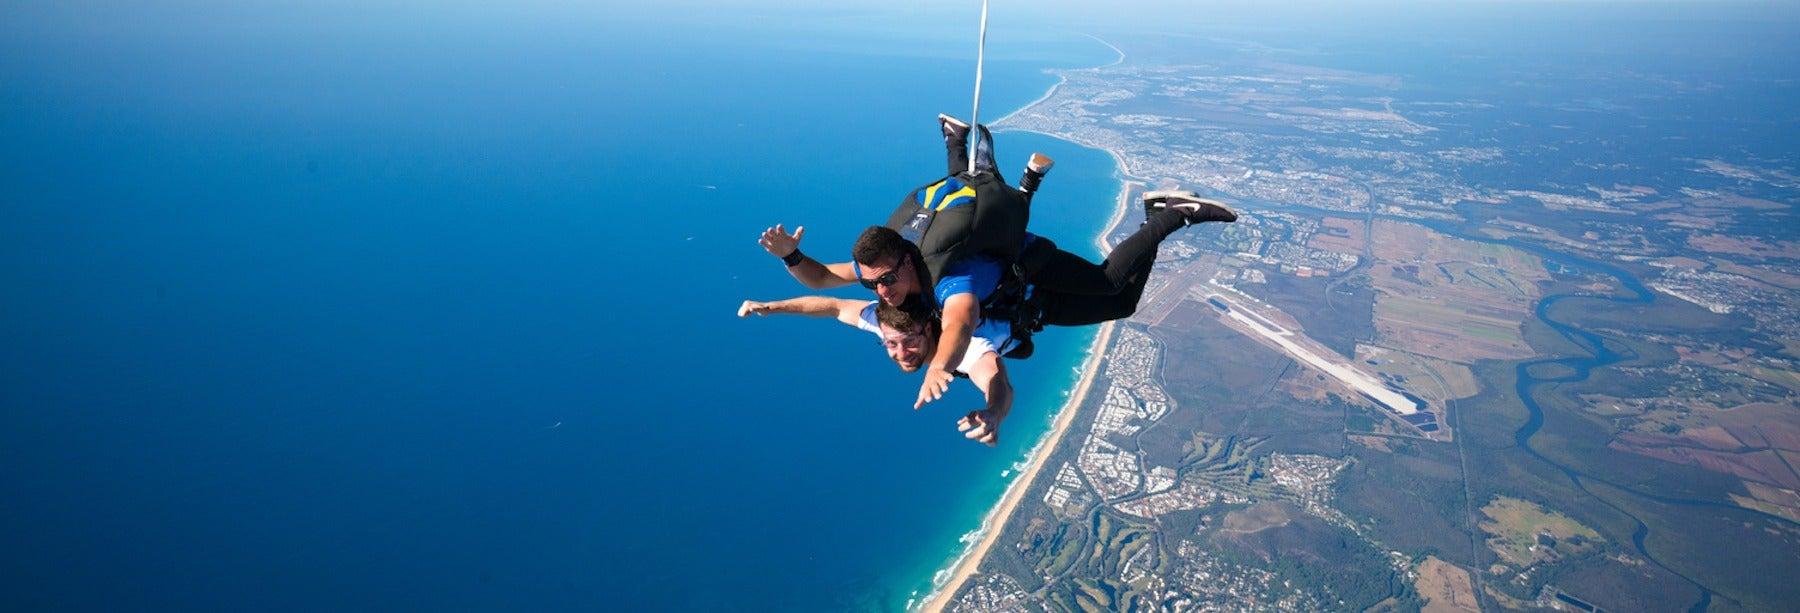 Lancio con il paracadute a Perth